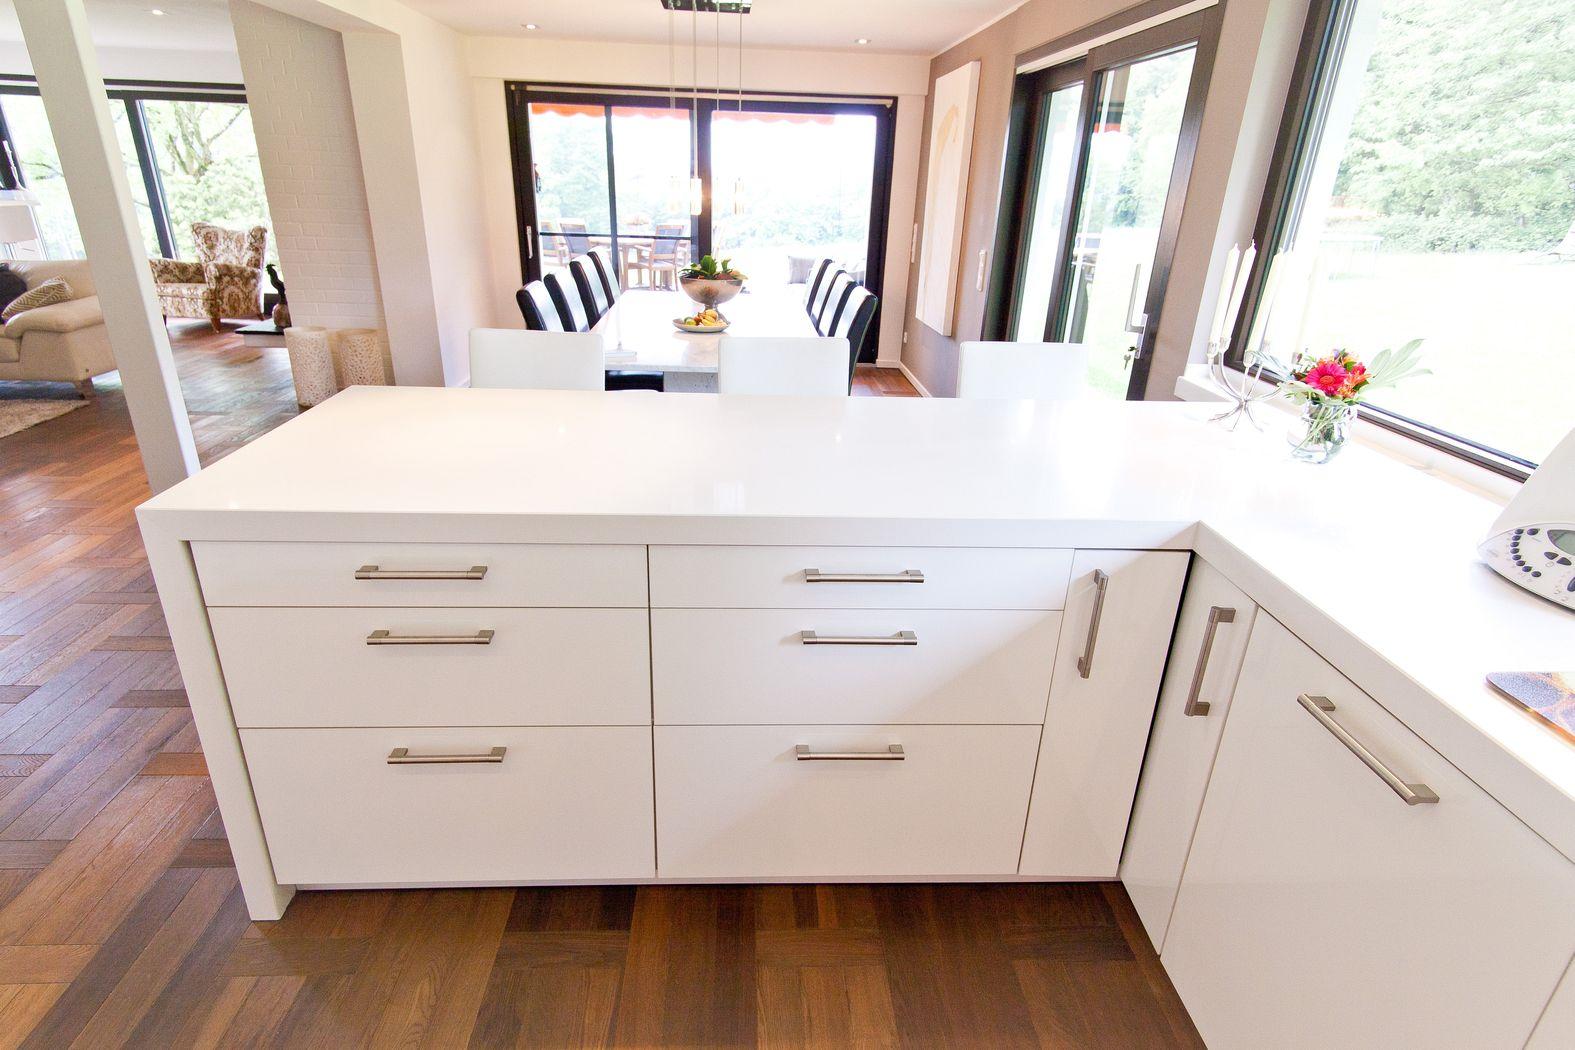 Hochglanz Küche Putzen Mit Microfaser ~ Landhausküchen Hochglanz  Moderne Hochglanz Küche in weiß mit